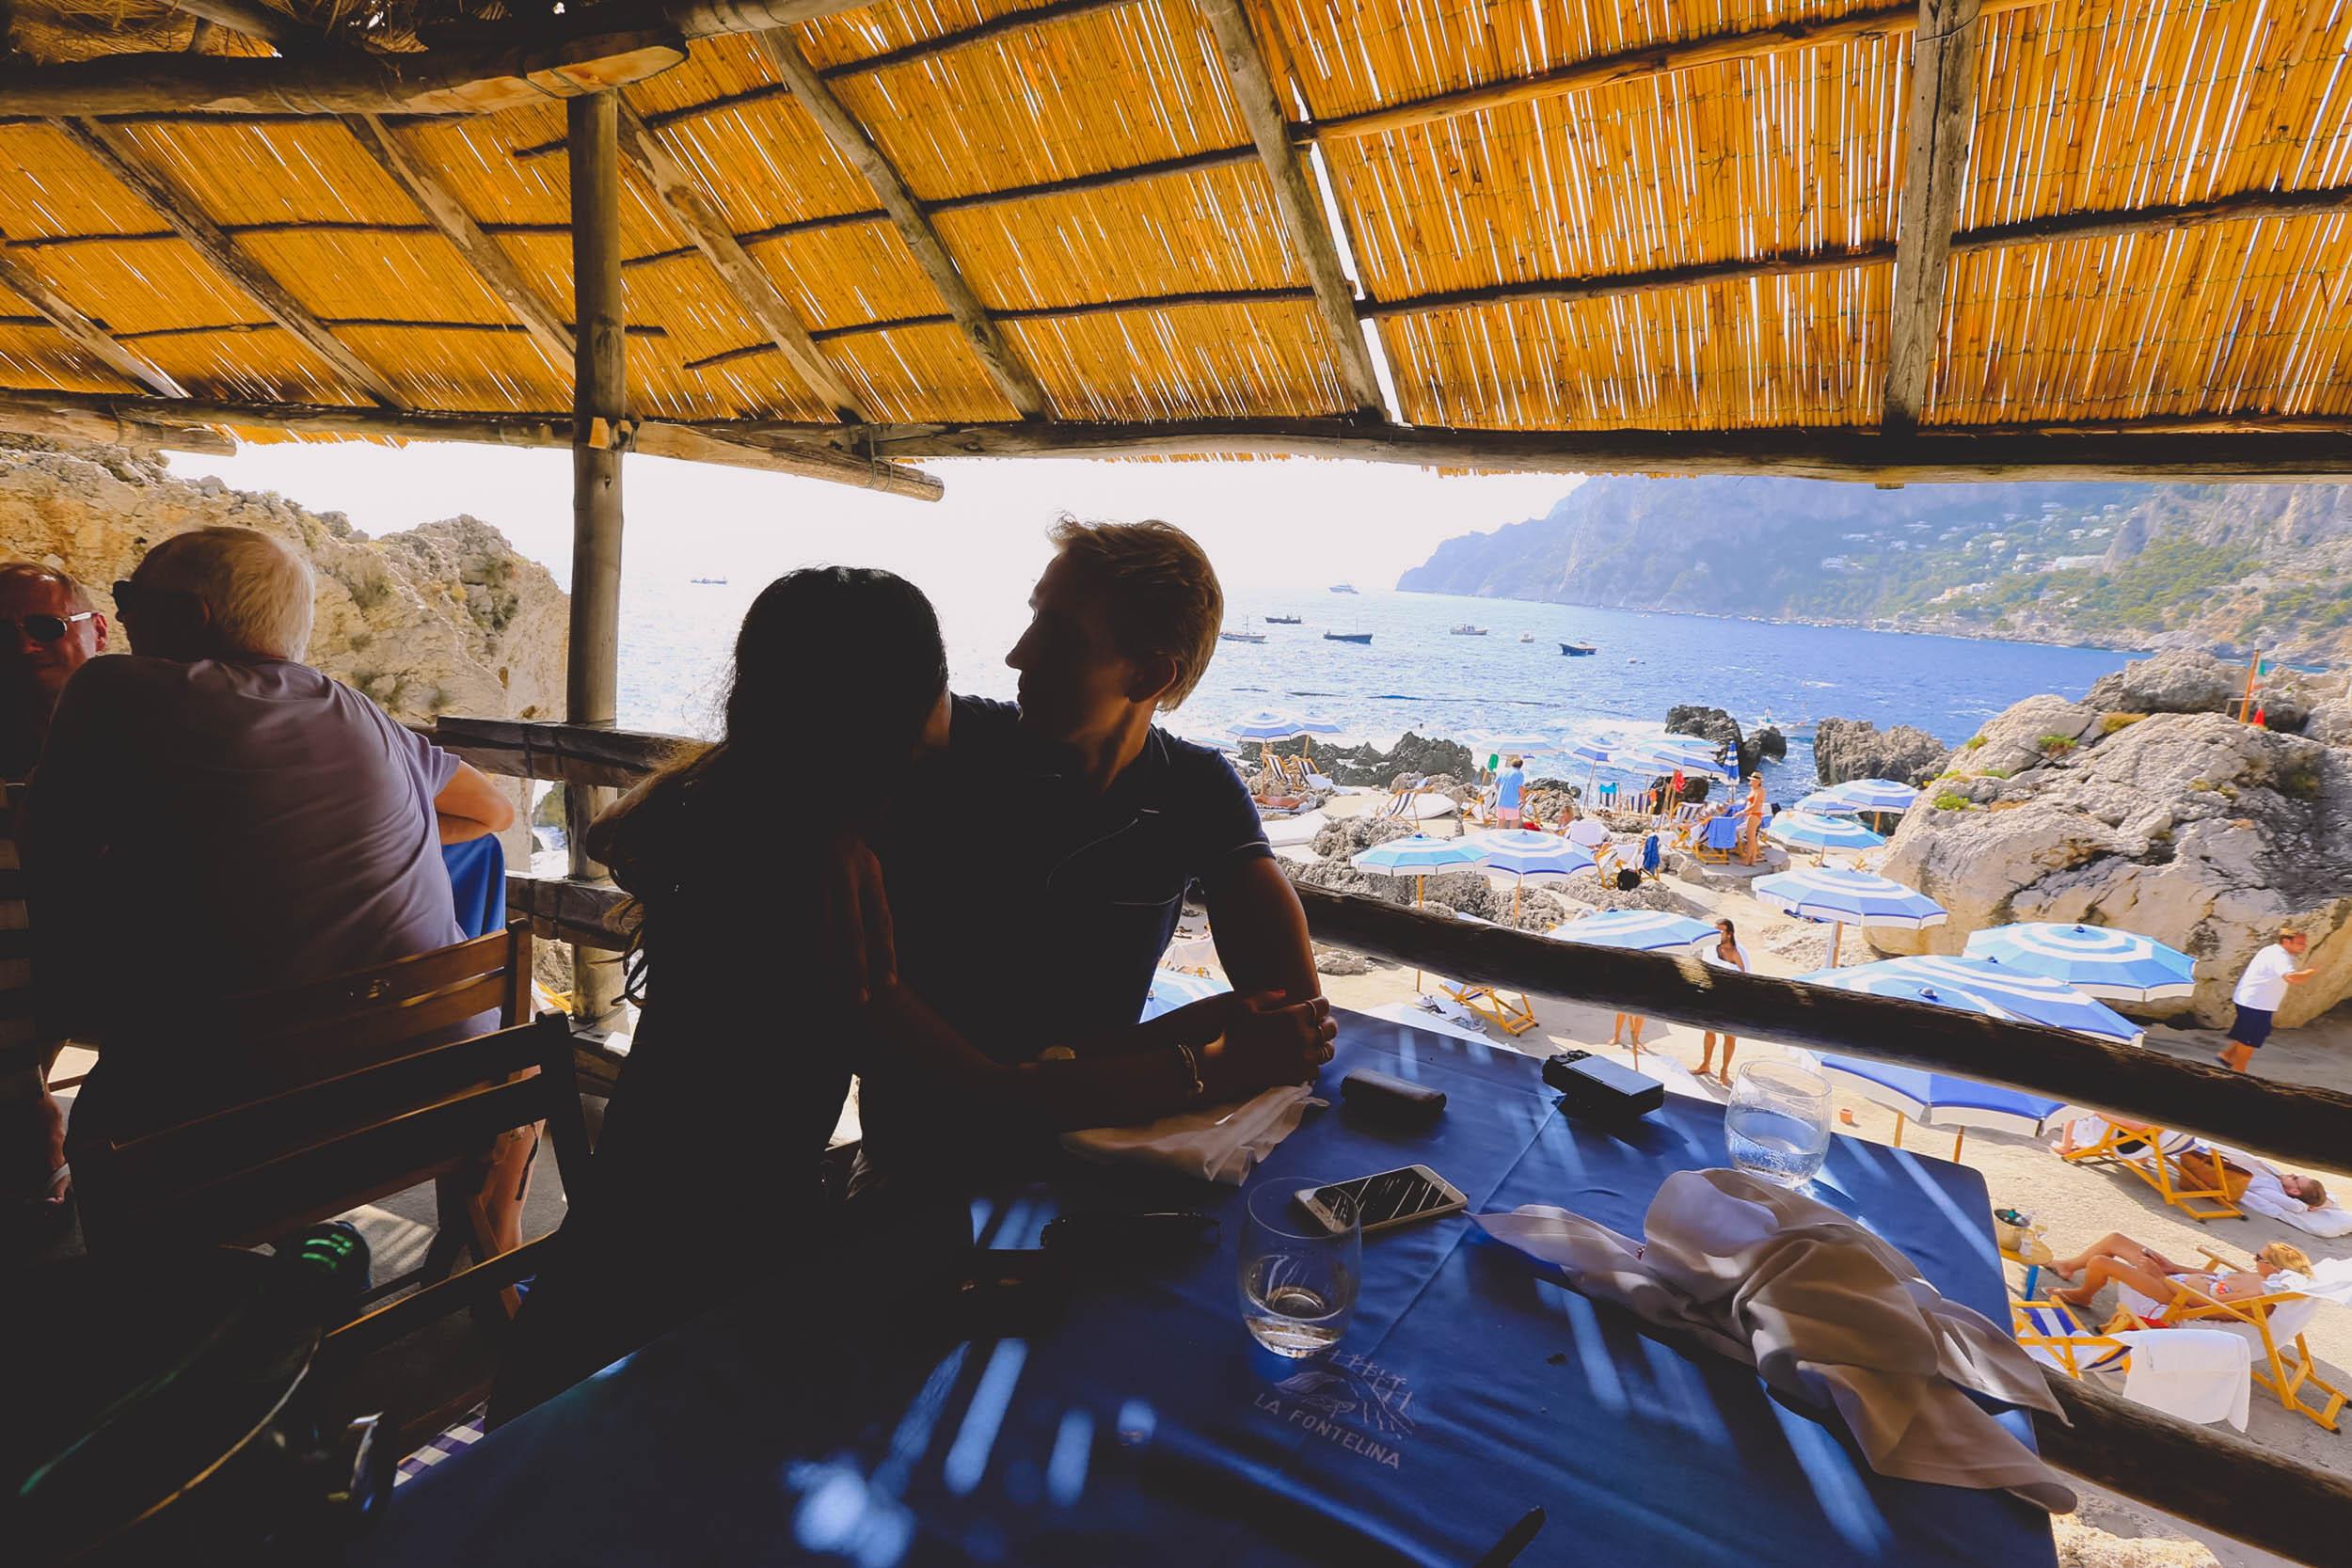 At our favourite restaurant in Capri - La Fontelina